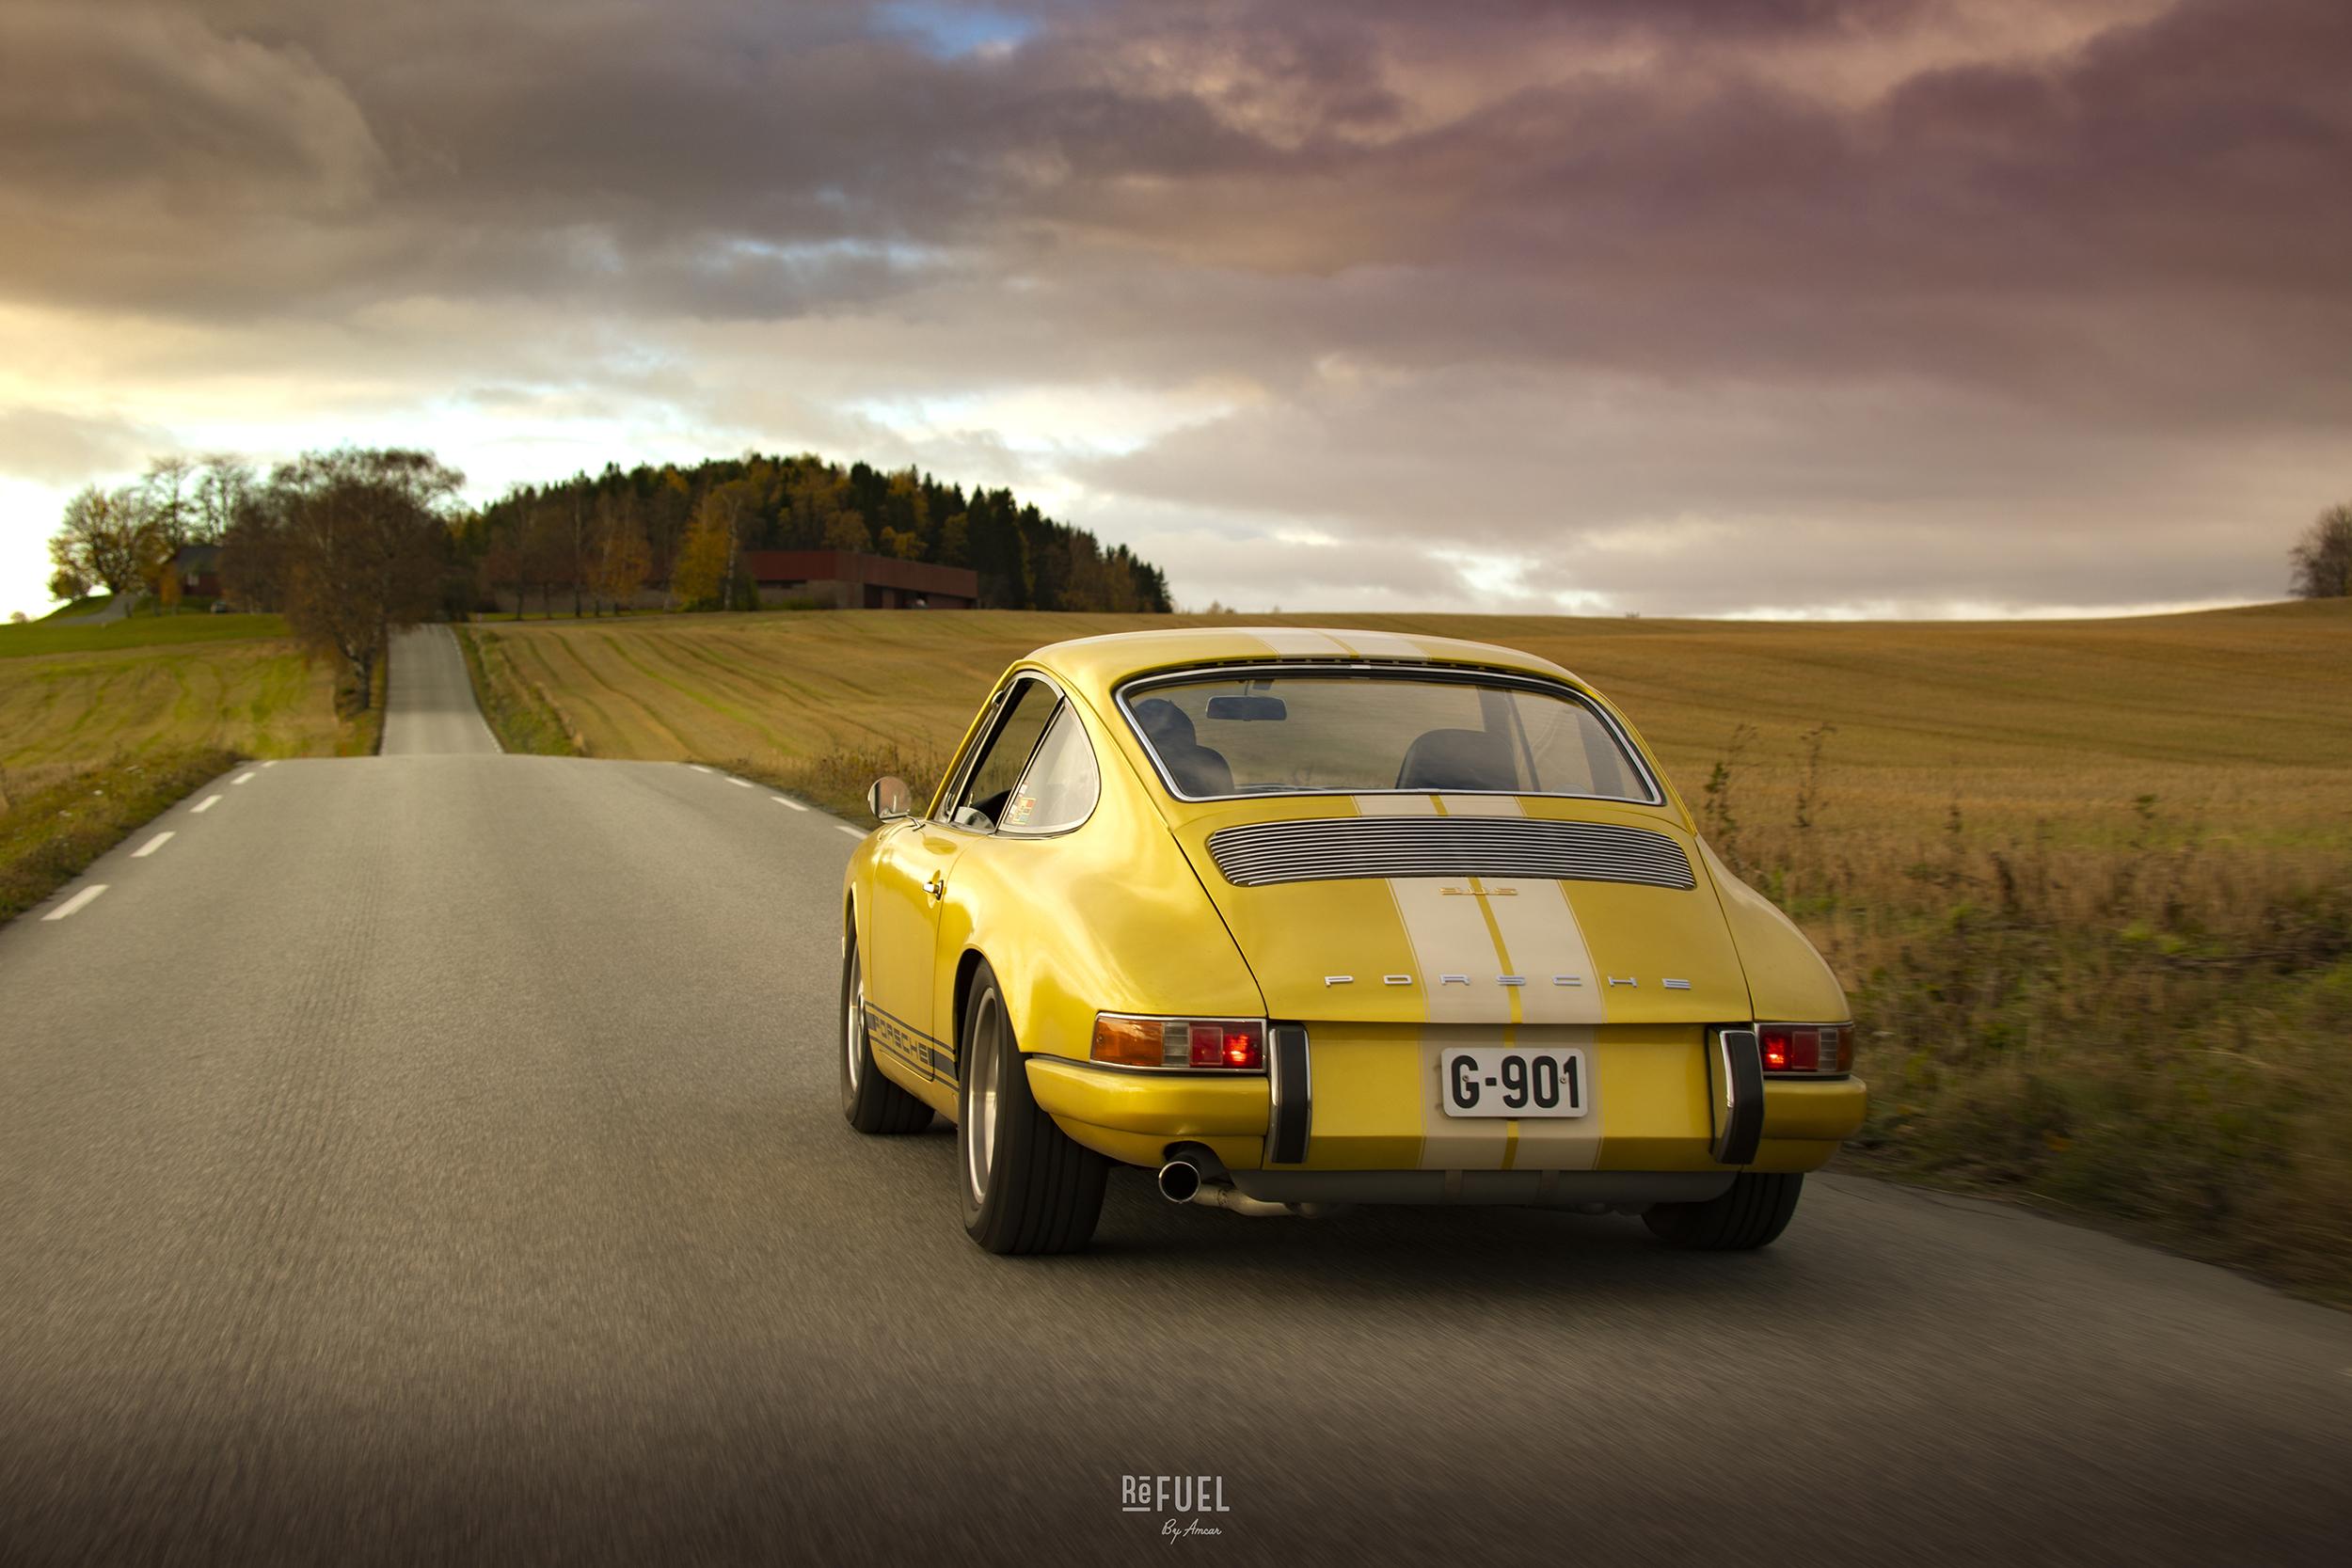 Porschen blir mye brukt, selv på kalde høstkvelder som denne.